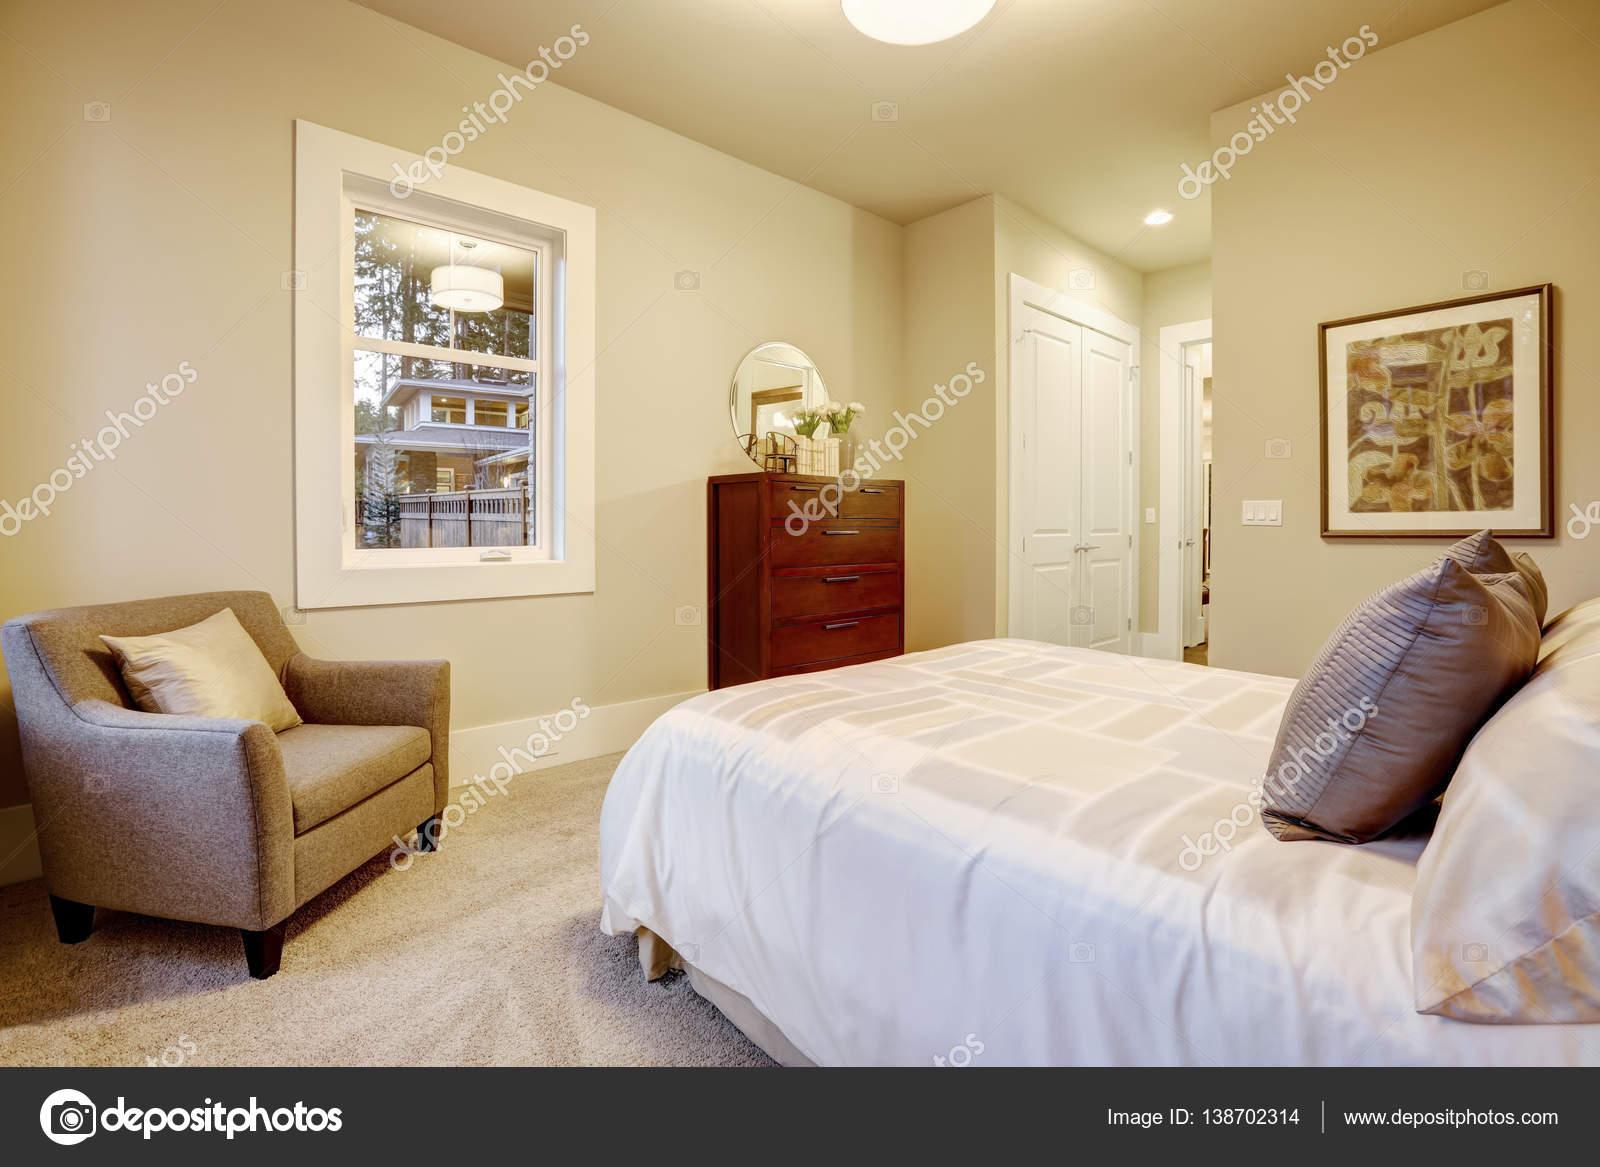 natuurlijke kleuren slaapkamer interieur met queensize bed stockfoto